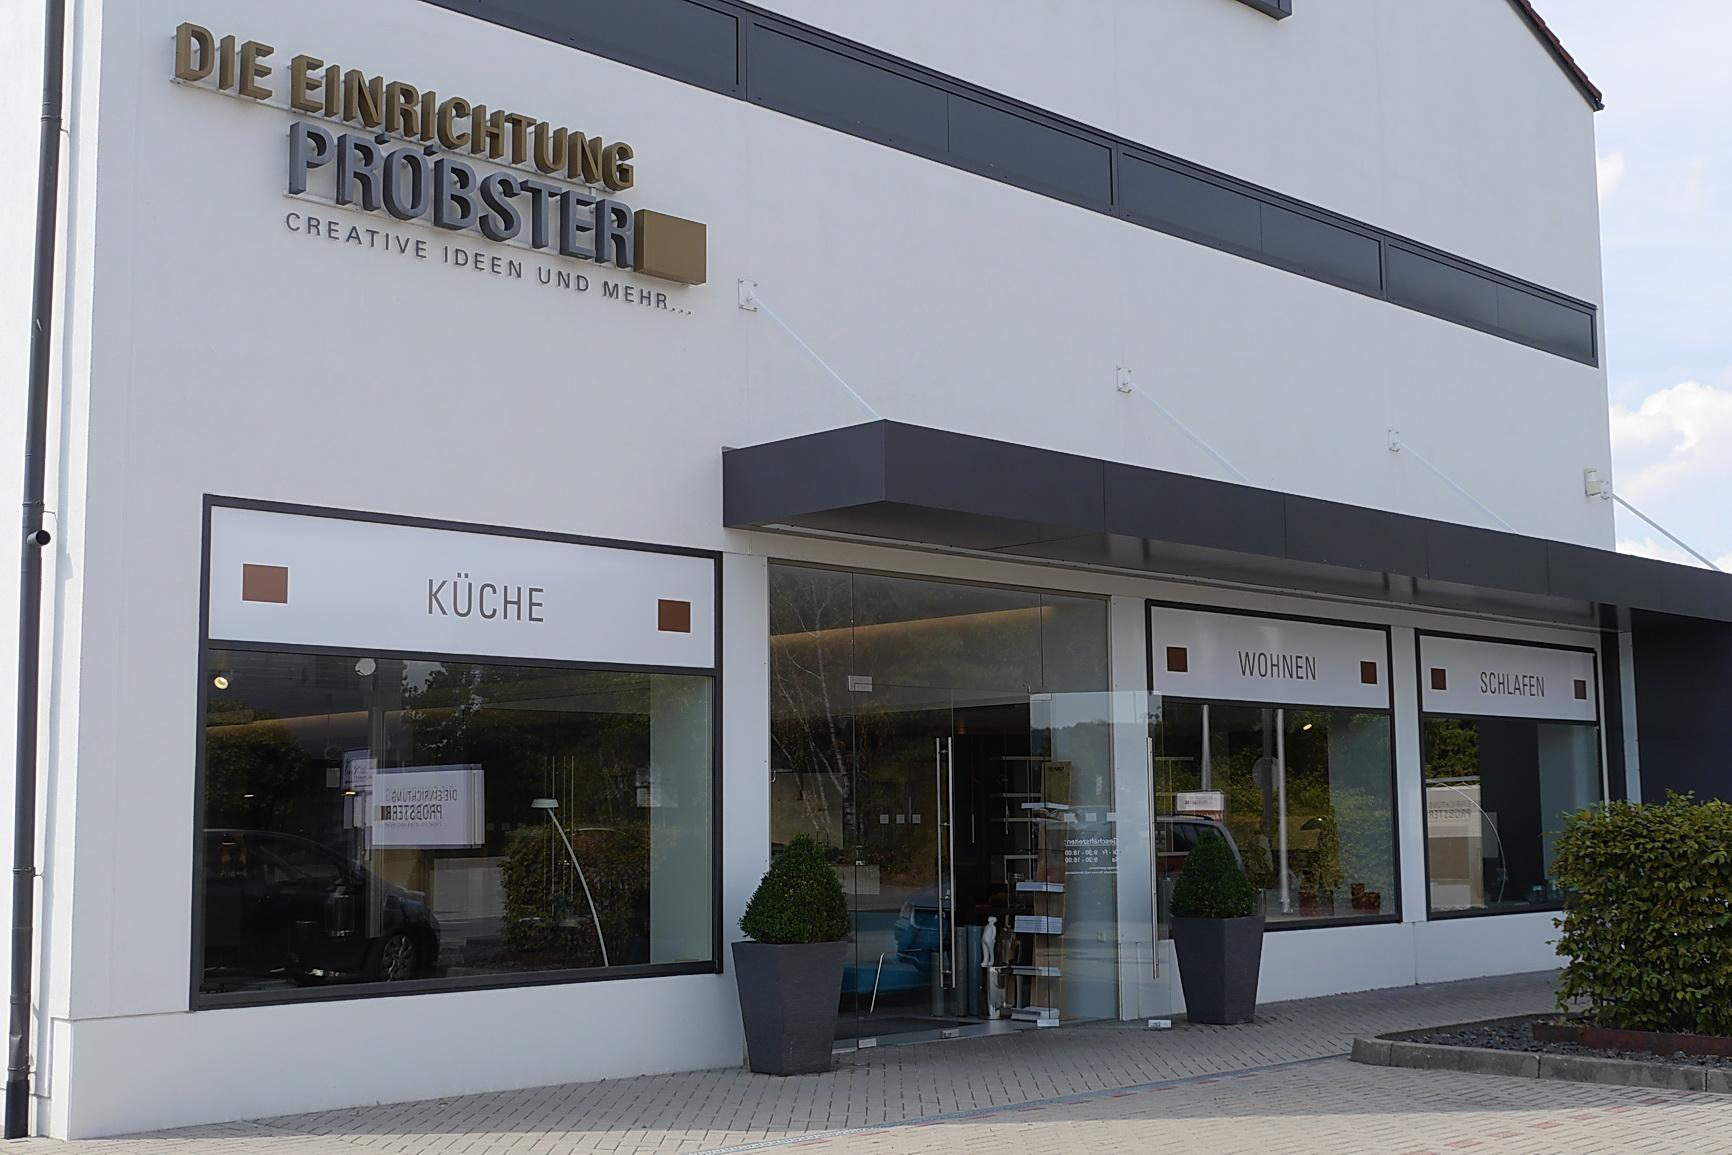 Die Einrichtung Pr Bster Gmbh Co Kg Einkaufsstadt Neumarkt